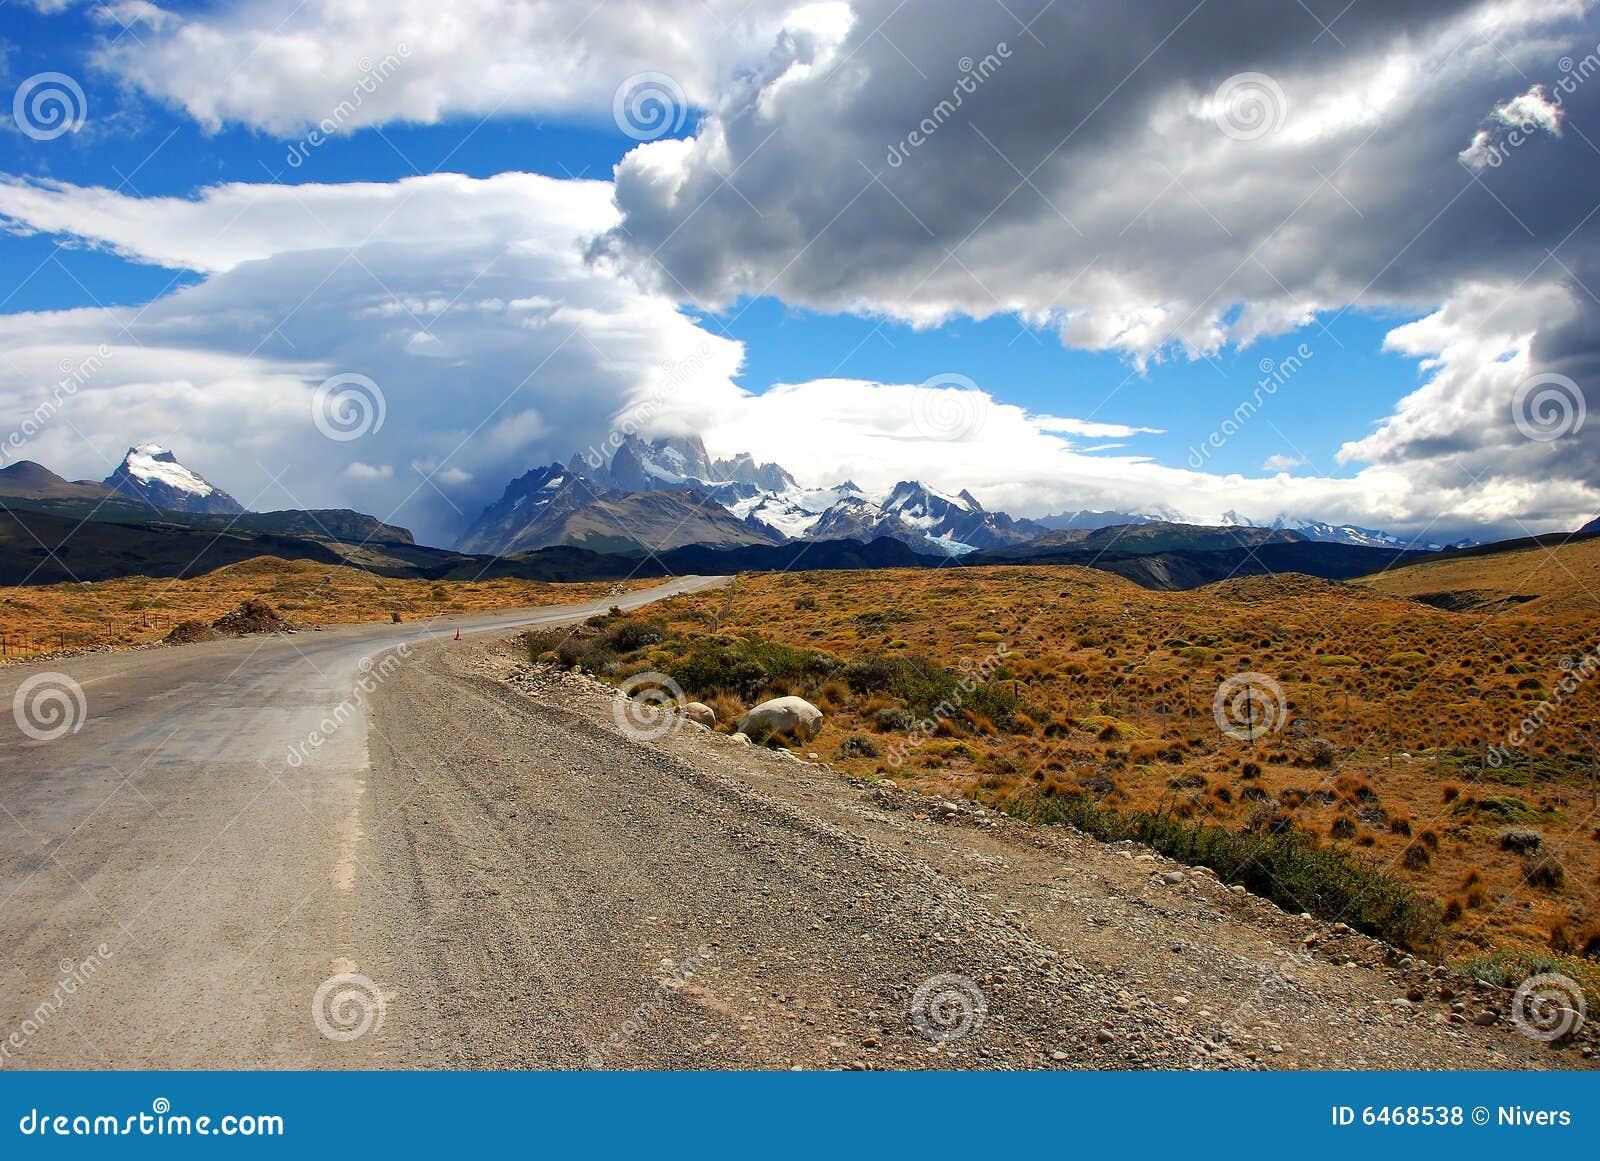 Route de montagne à